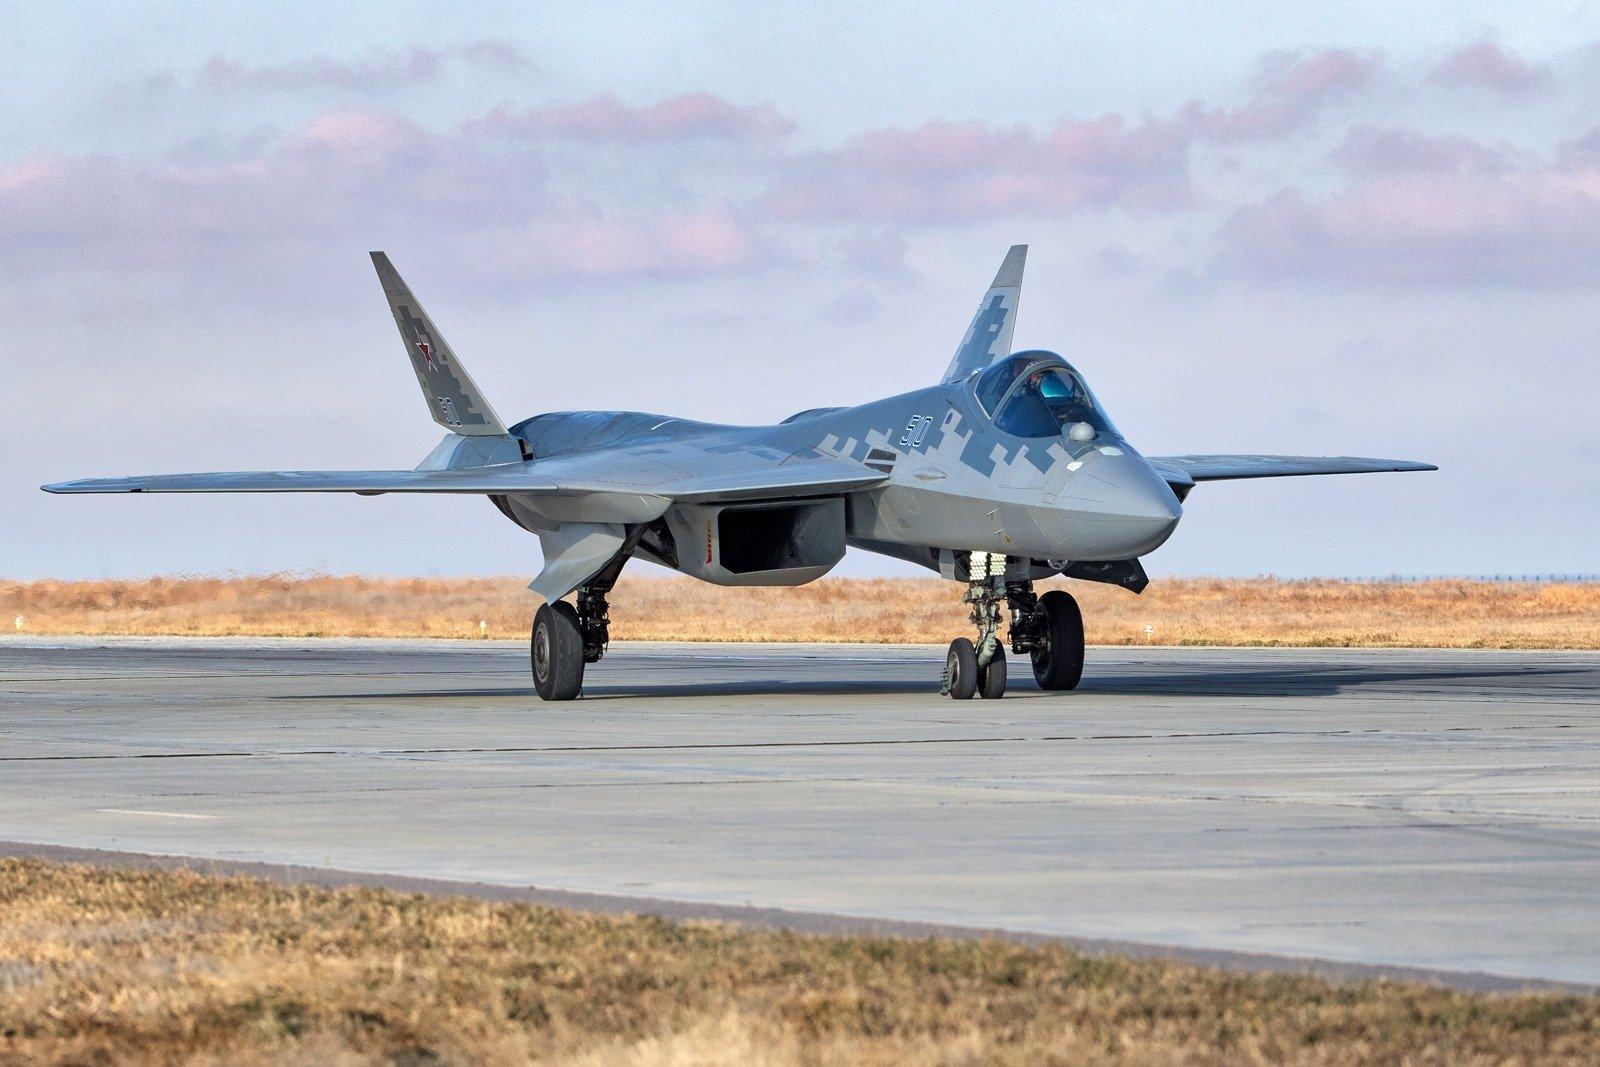 又挤牙膏放出来几张苏-57@Mk18_MOD1 @Armstrong的空军之翼 @彩虹熊_